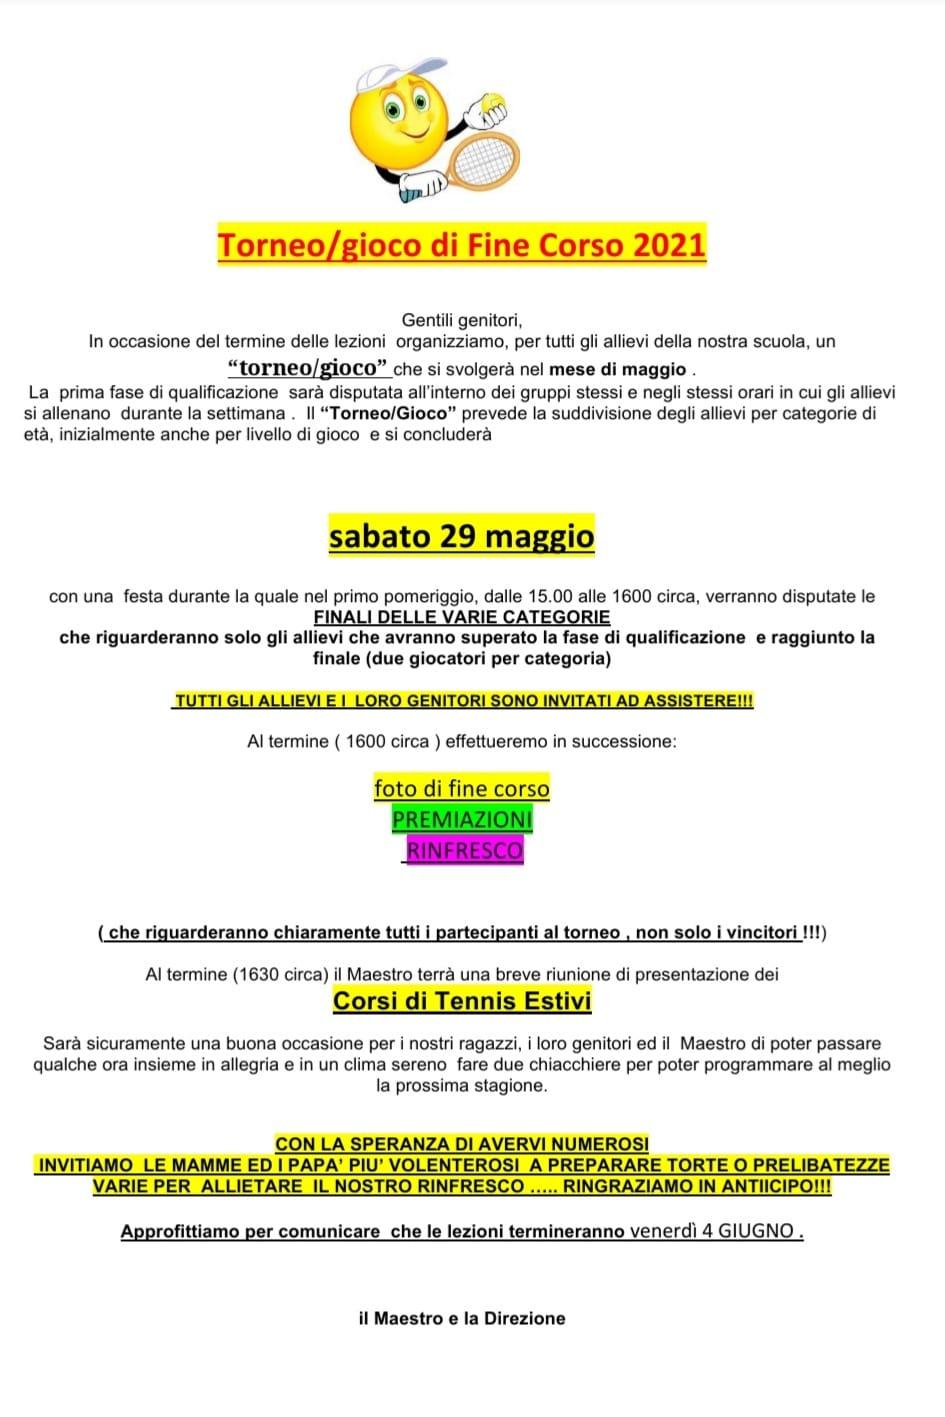 TORNEO DI FINE CORSO SAT